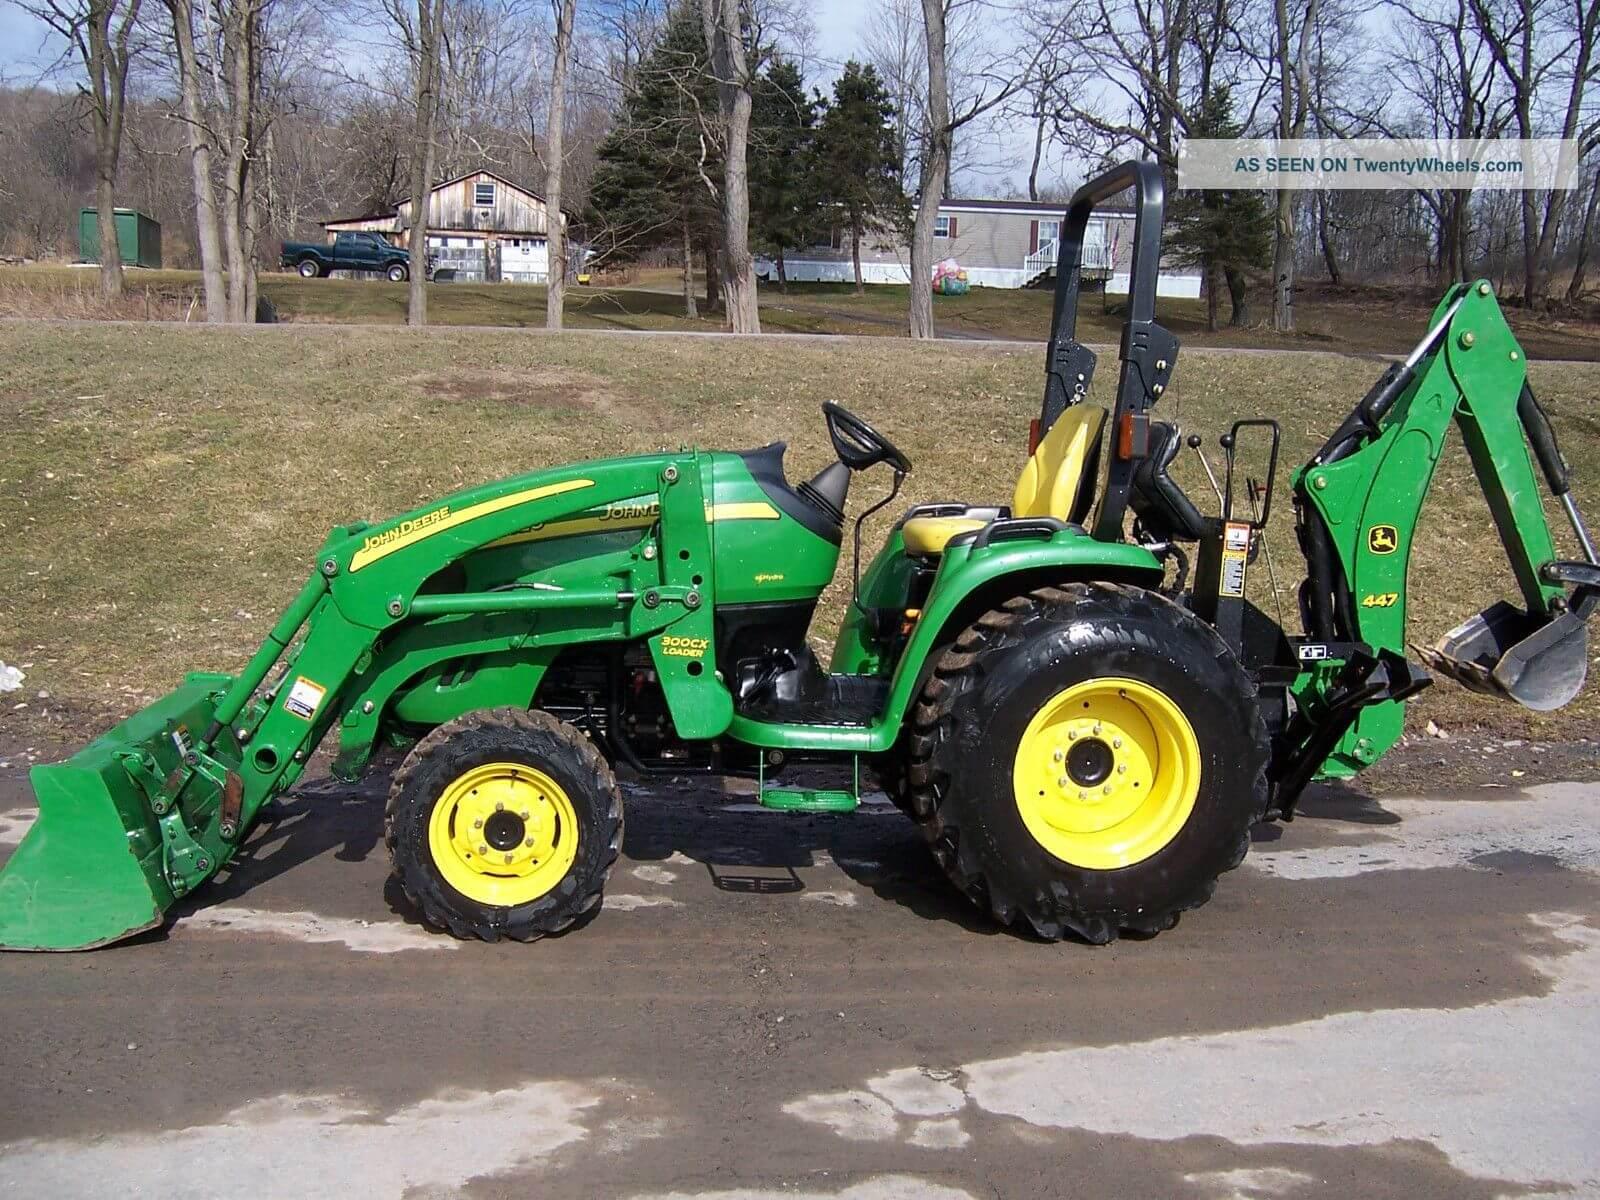 Smick Lumber Rental John Deere Tractor w/ Backhoe